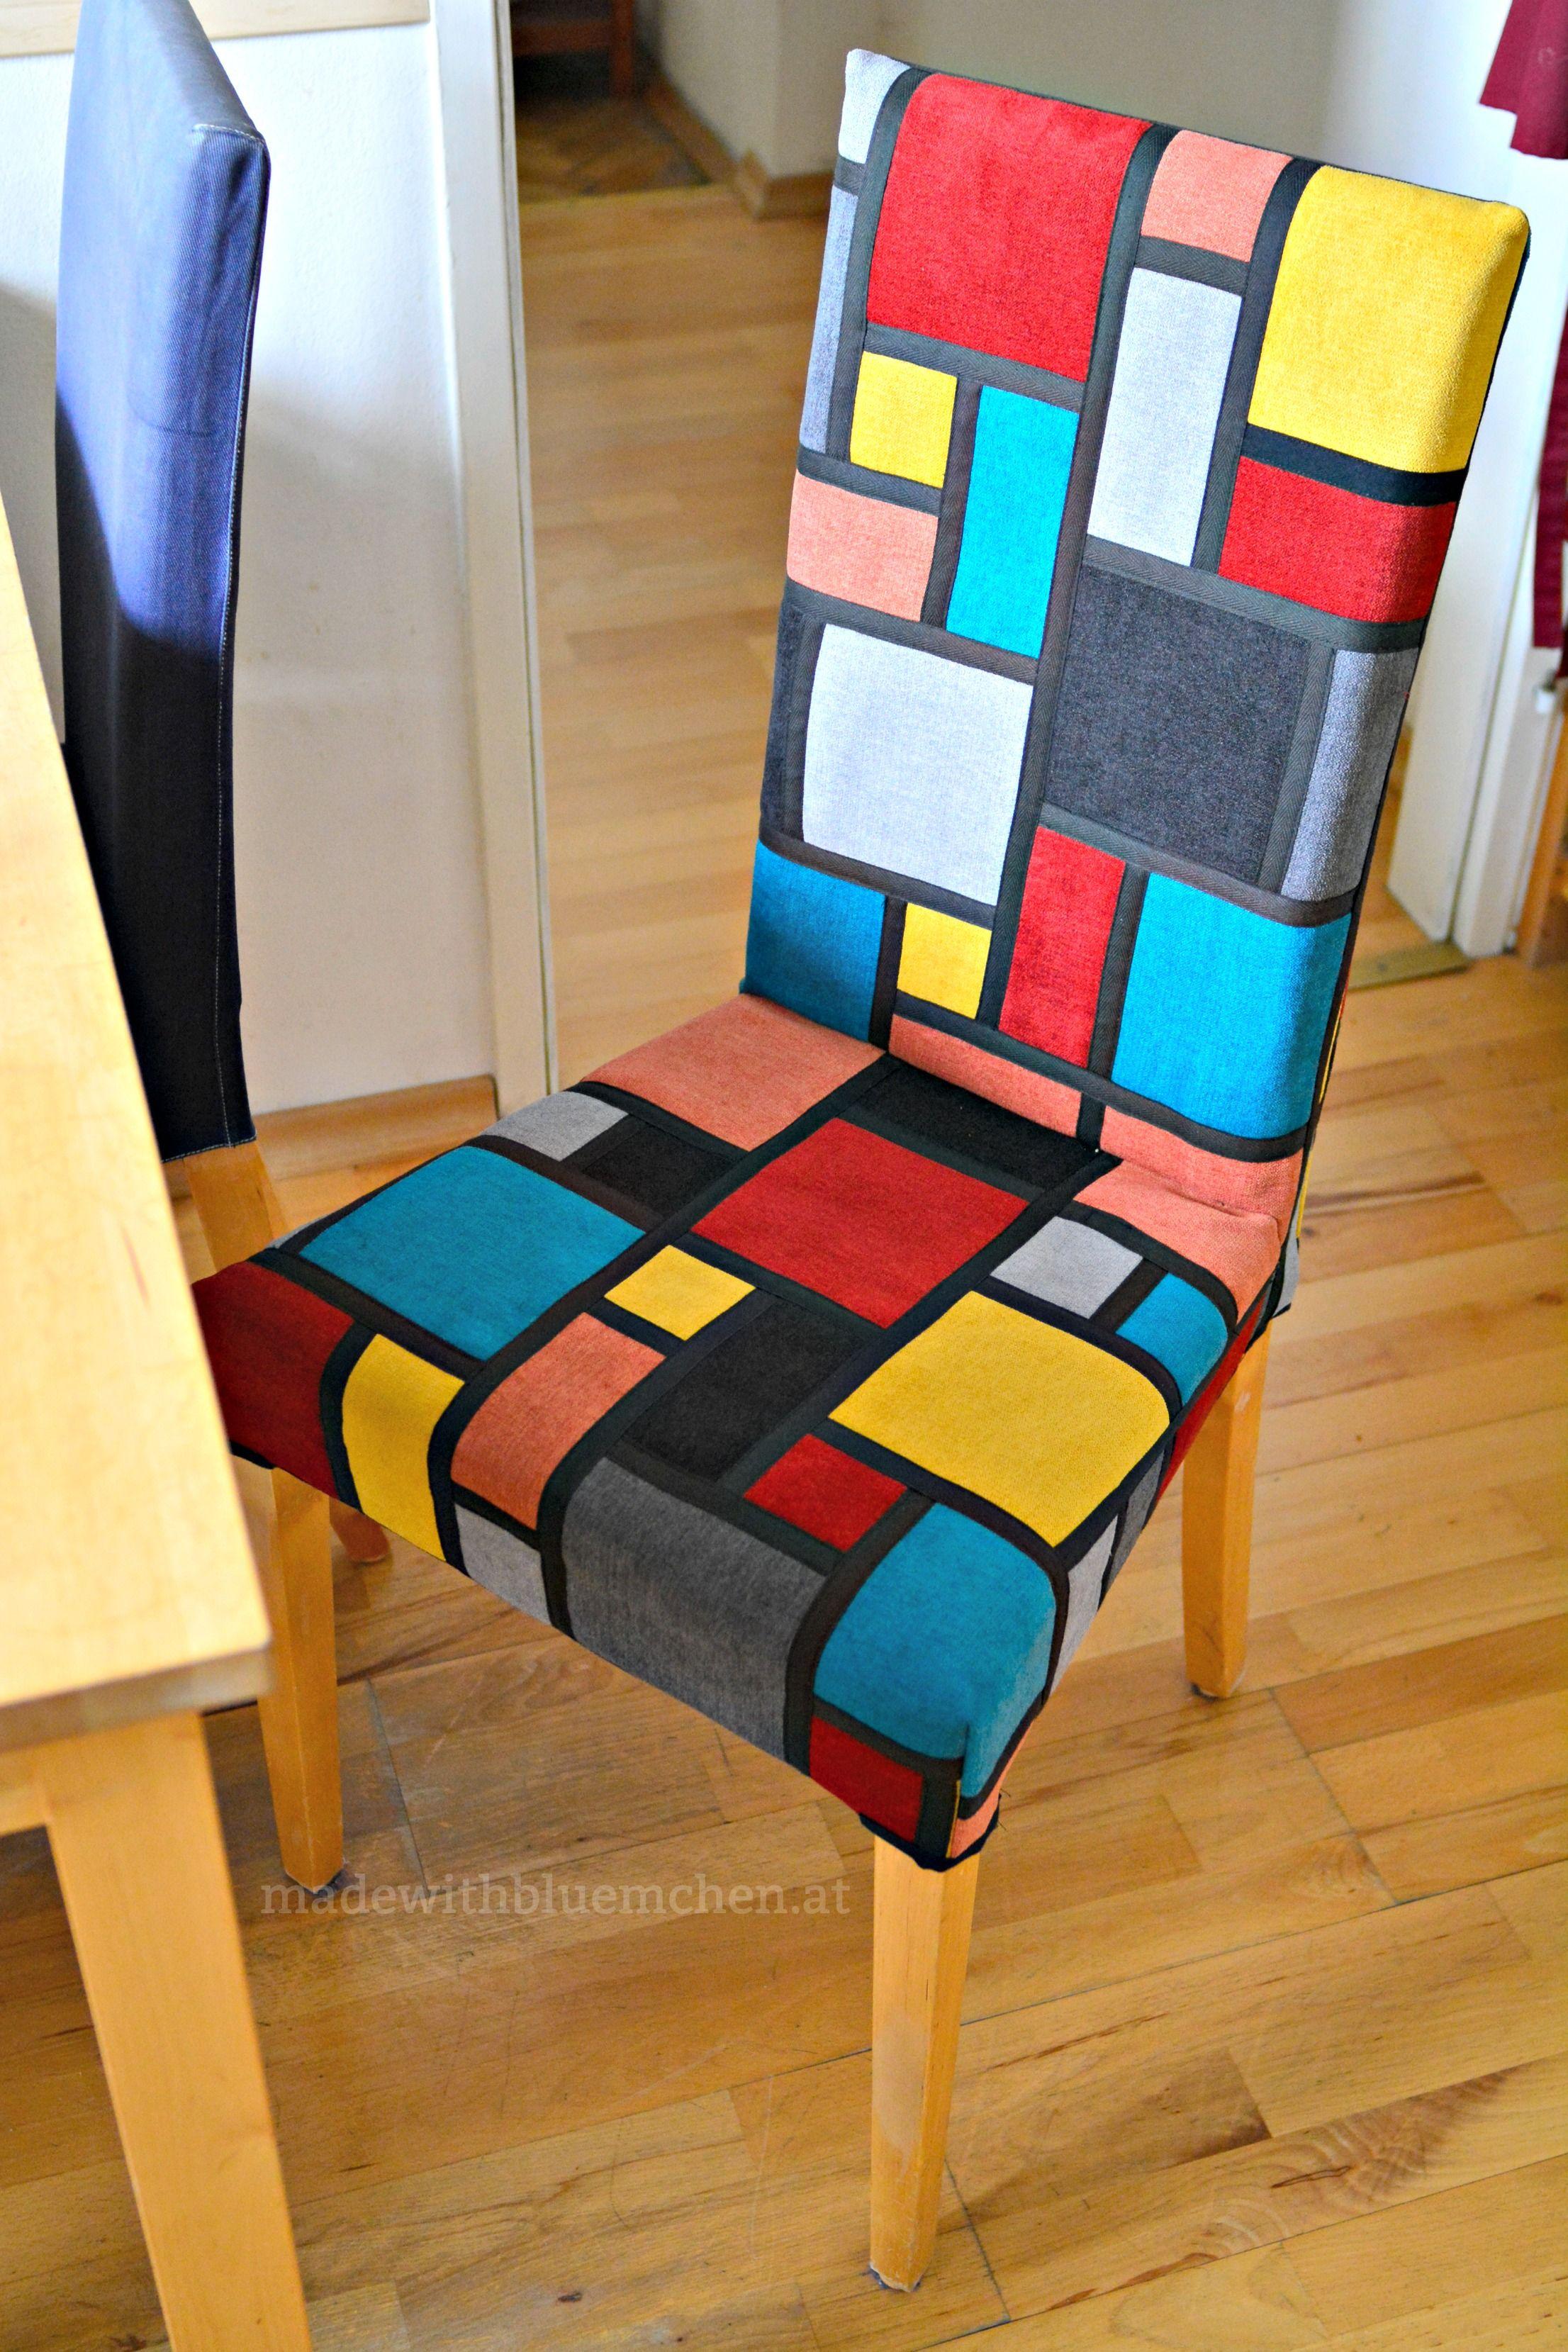 bleiglas patchwork stuhlbezug made with bl mchen kissen f r st hle stuhlbez ge und stuhlbezug